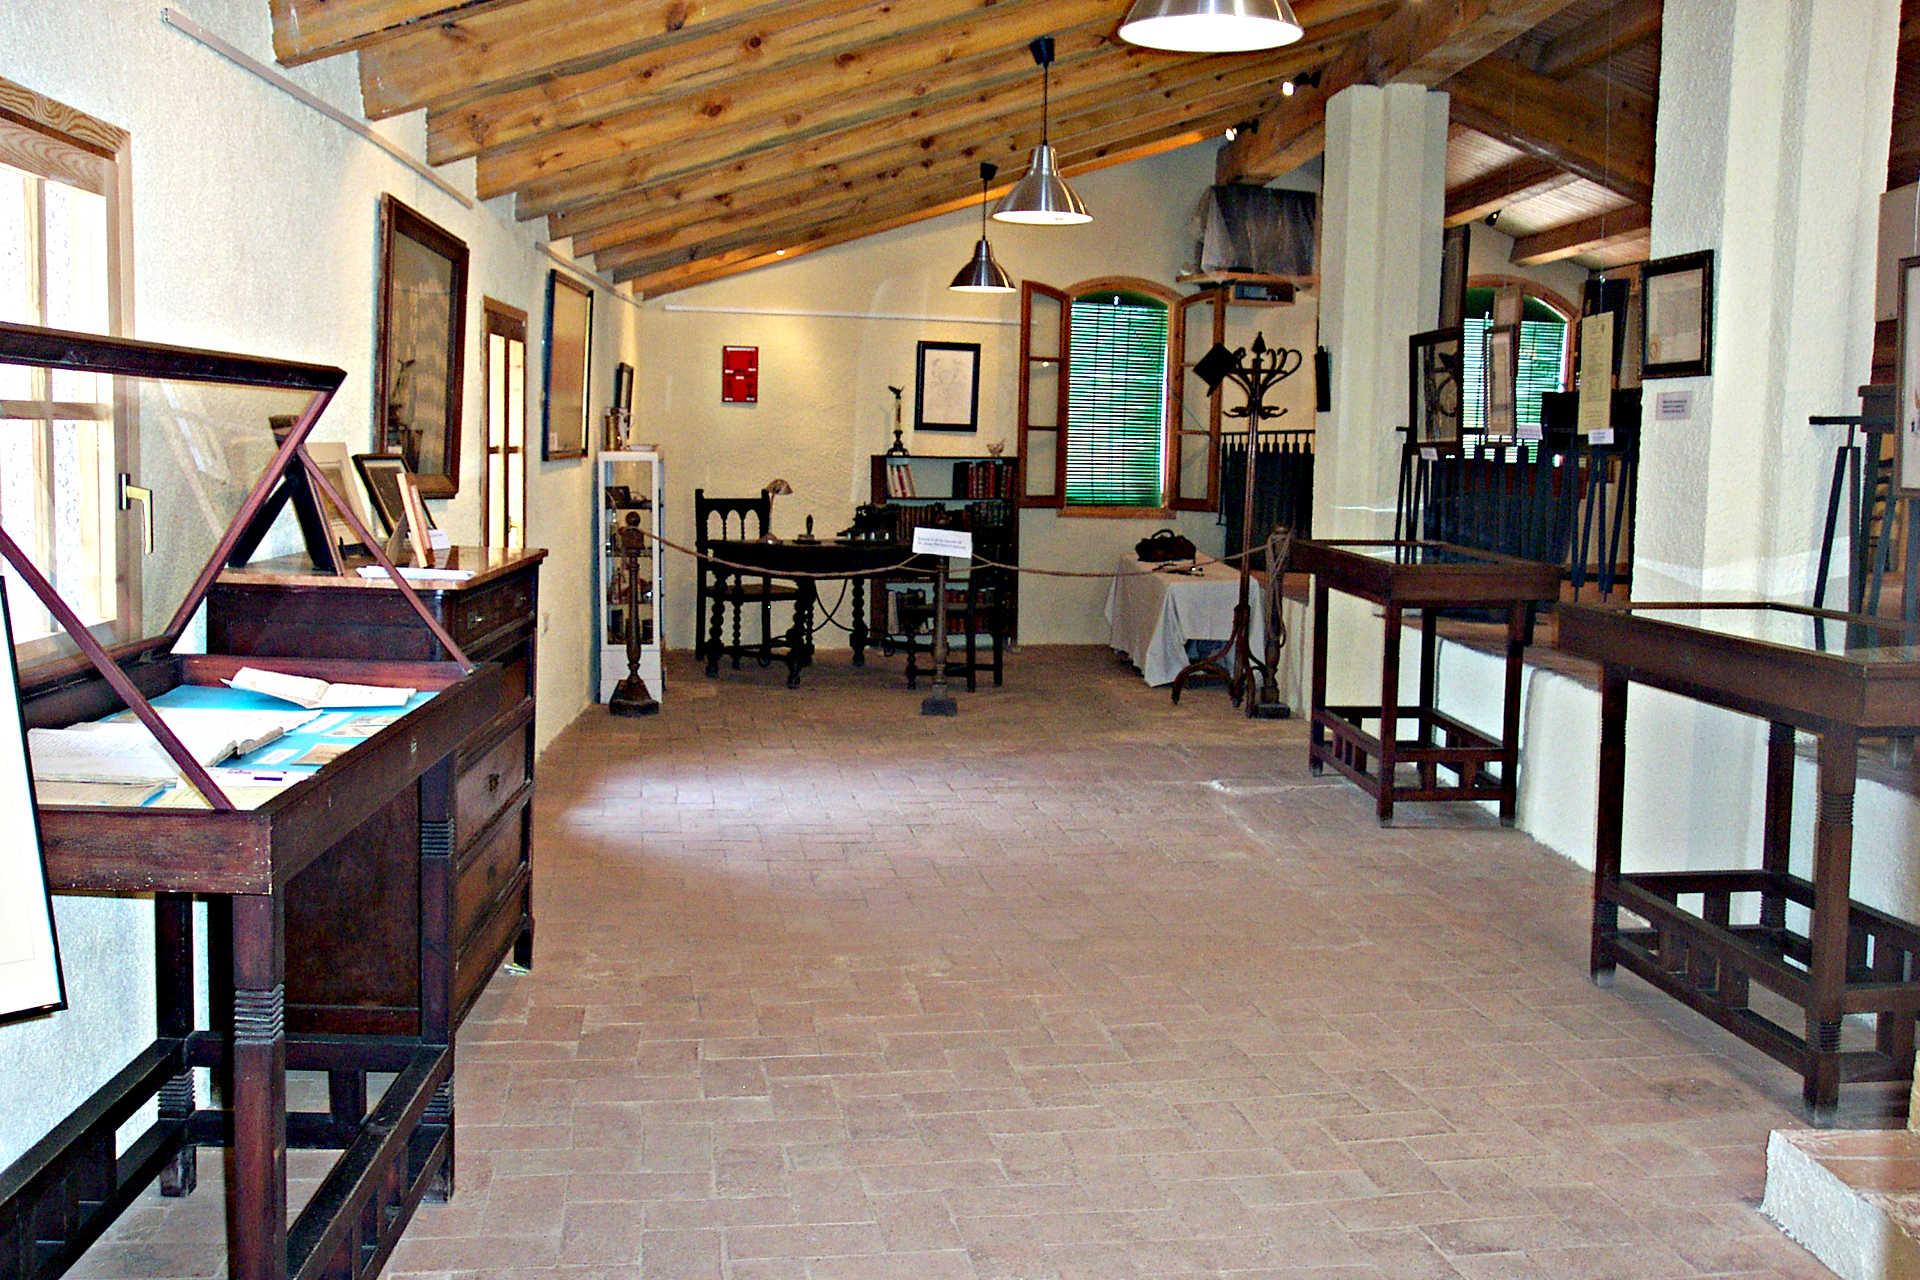 sala exposiciones temporales en segunda planta de museo archivo Pere Virgili